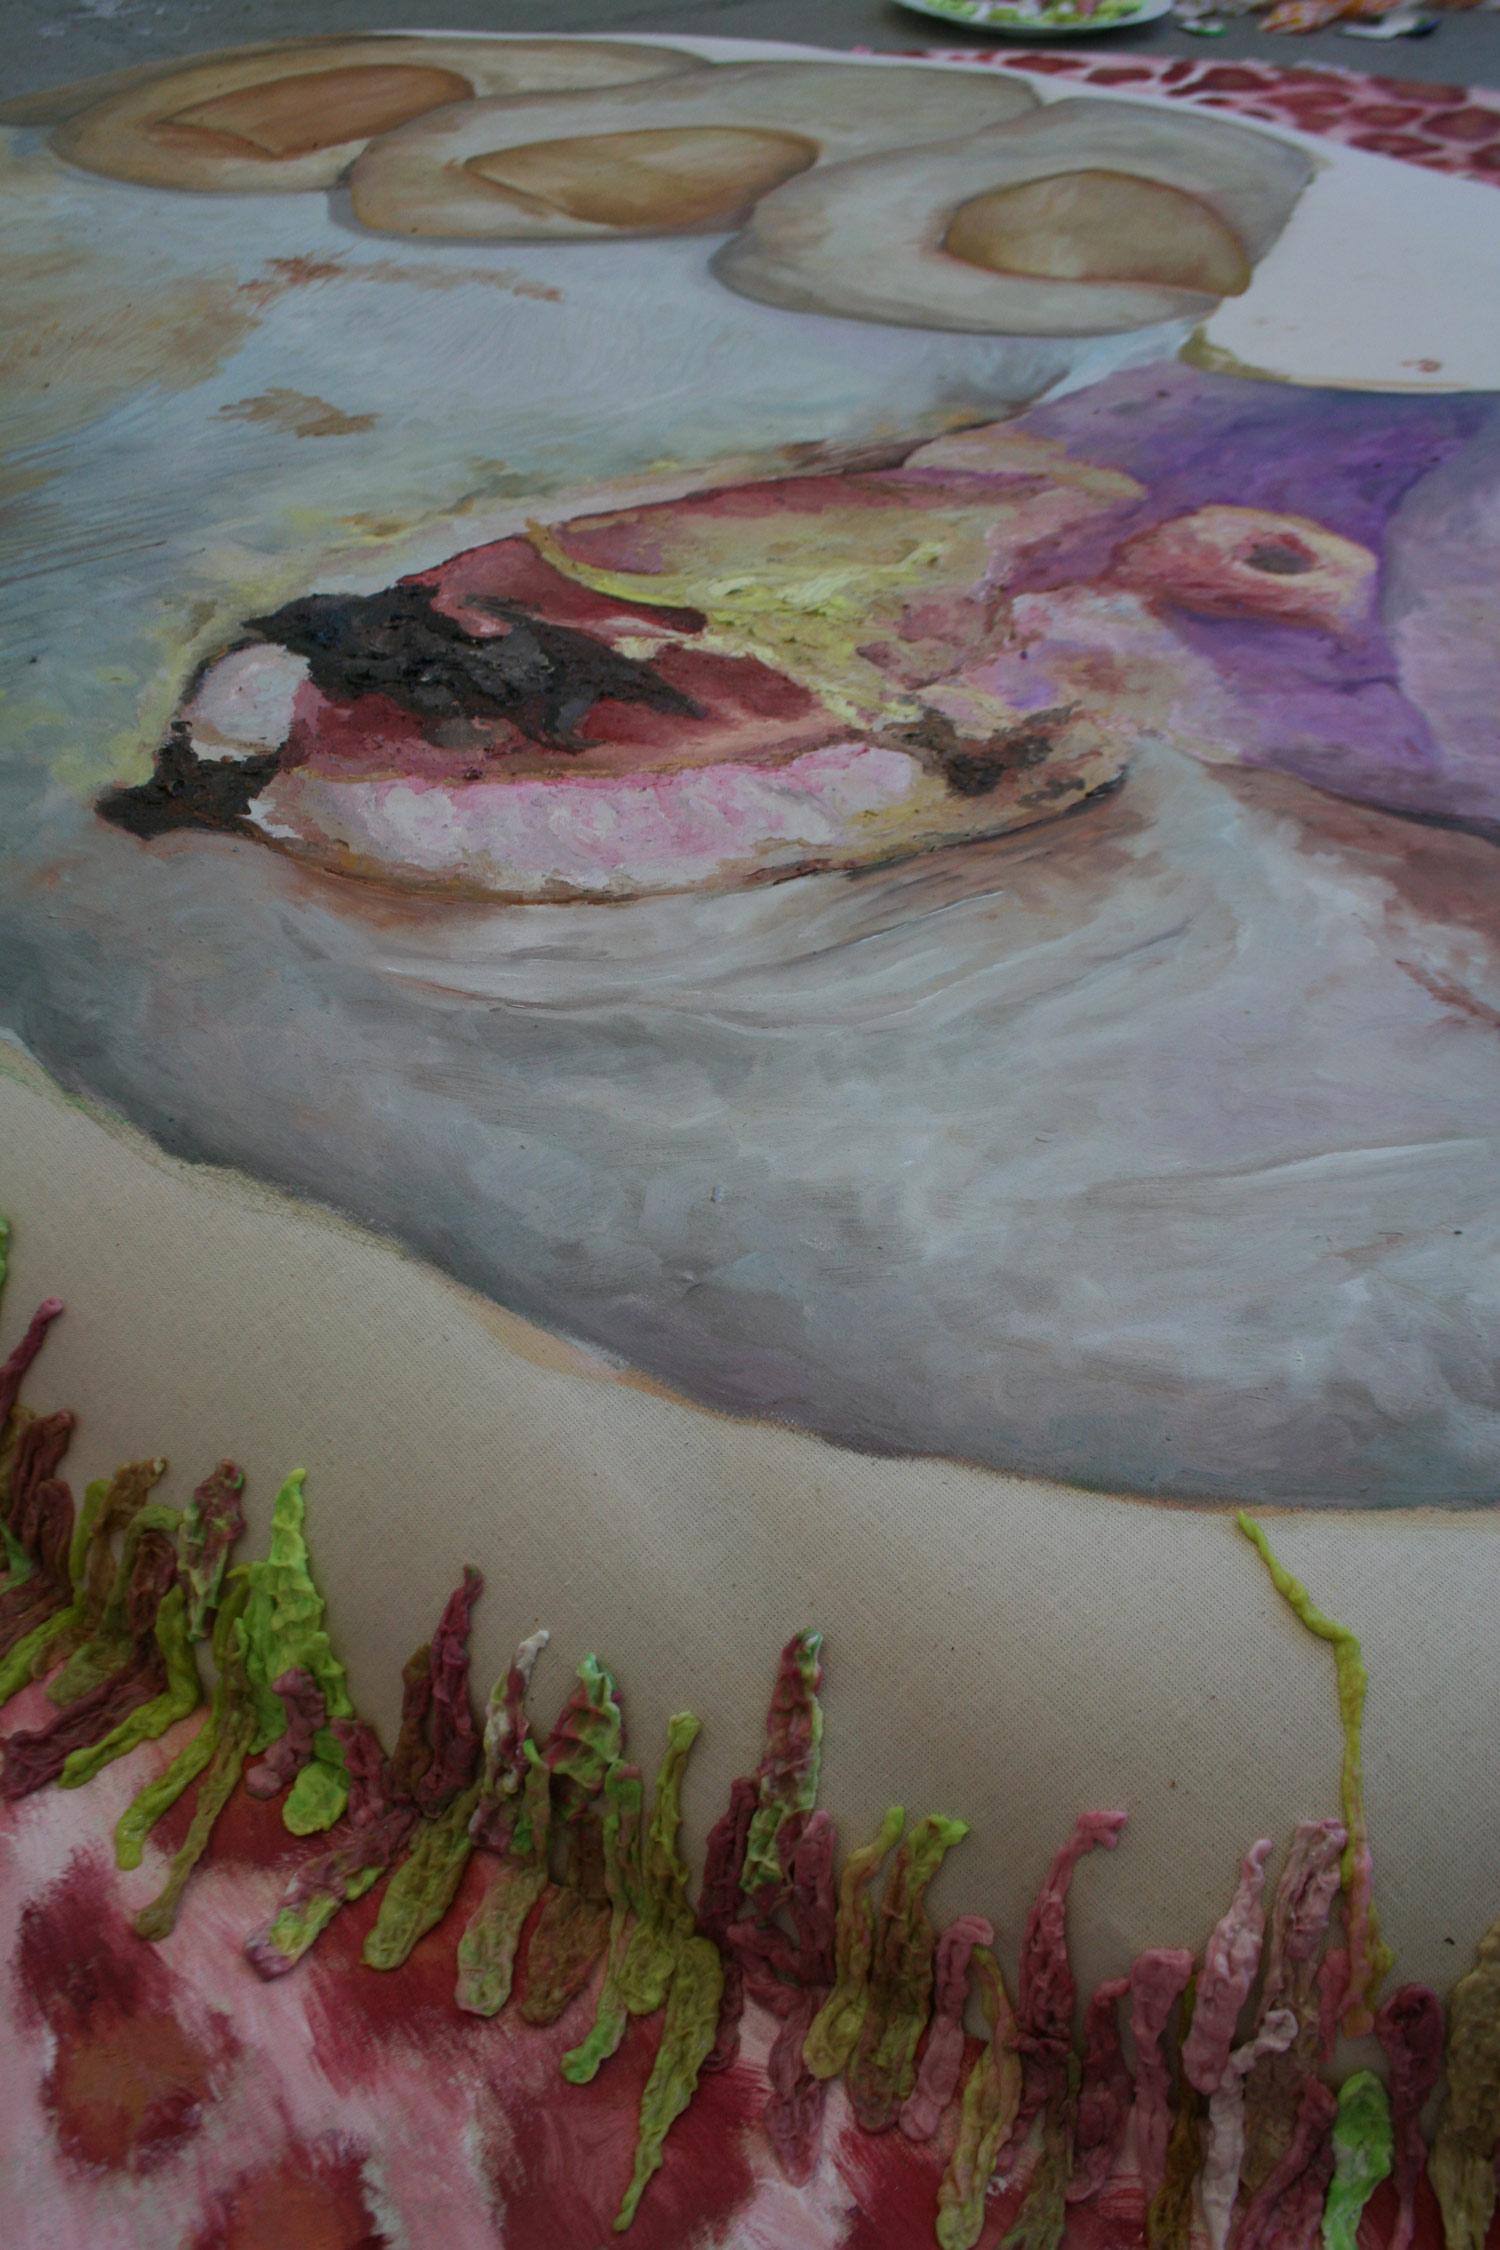 Laura Link . ohne Titel . 2013 . Ölfarbe, Kaugumi, Schaumstoff, Leinwand . 270 x 175 . Detailansicht (liegend)